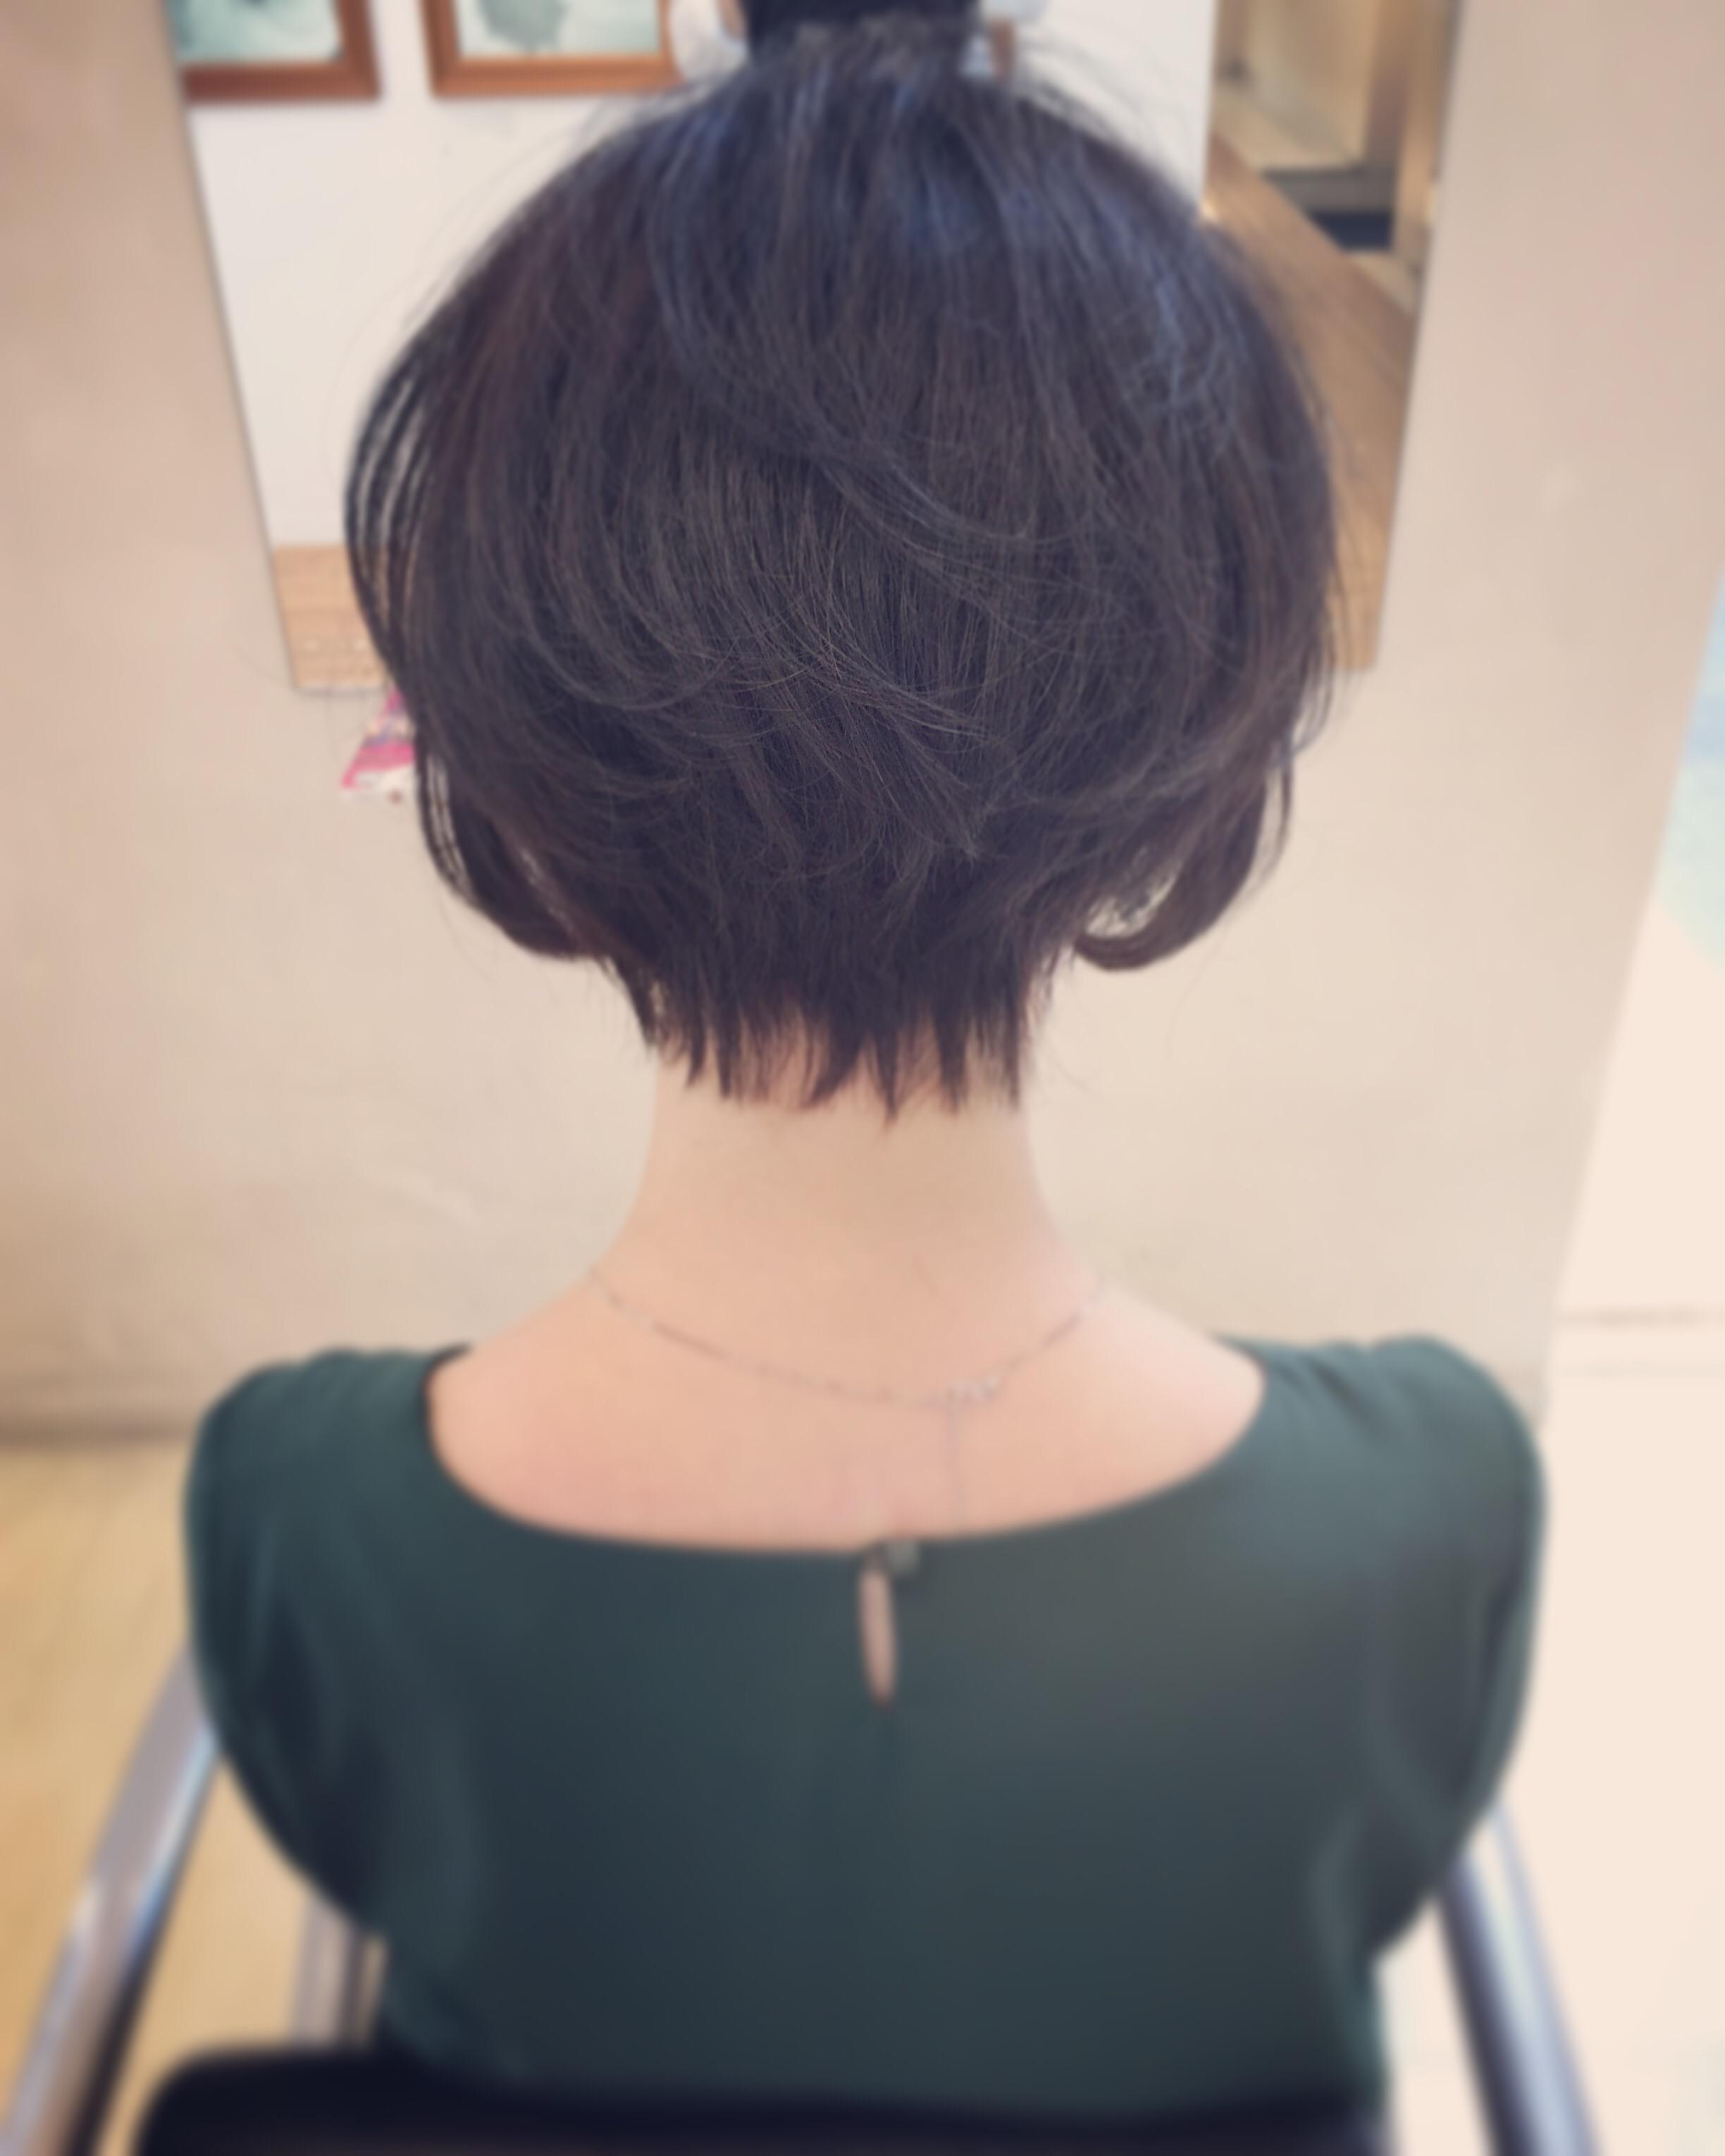 黒髪ショートは後ろ姿が超重要